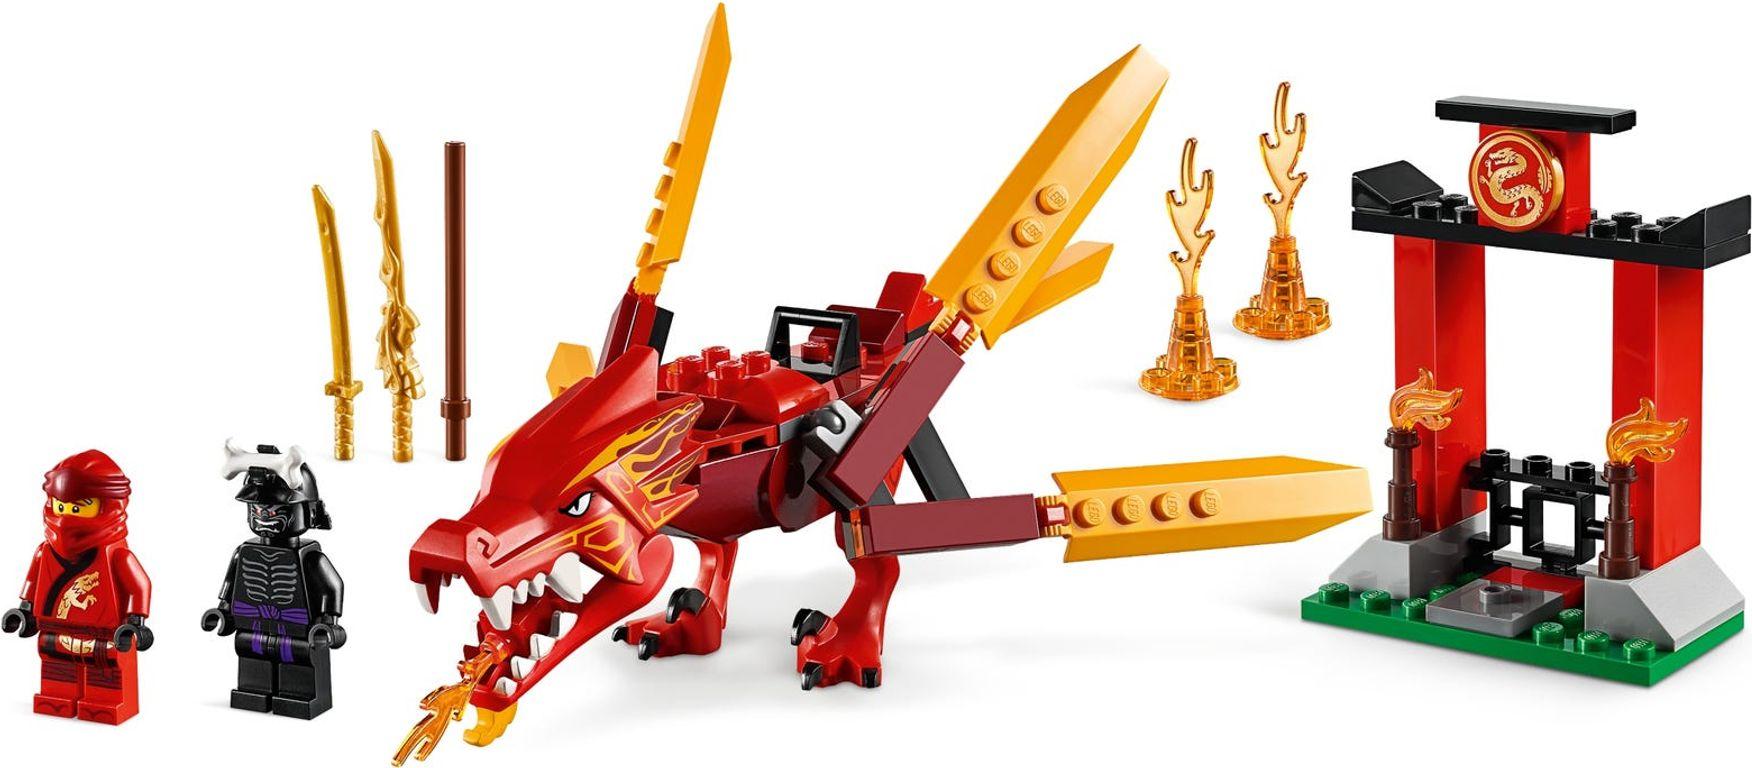 Kai's Fire Dragon minifigures